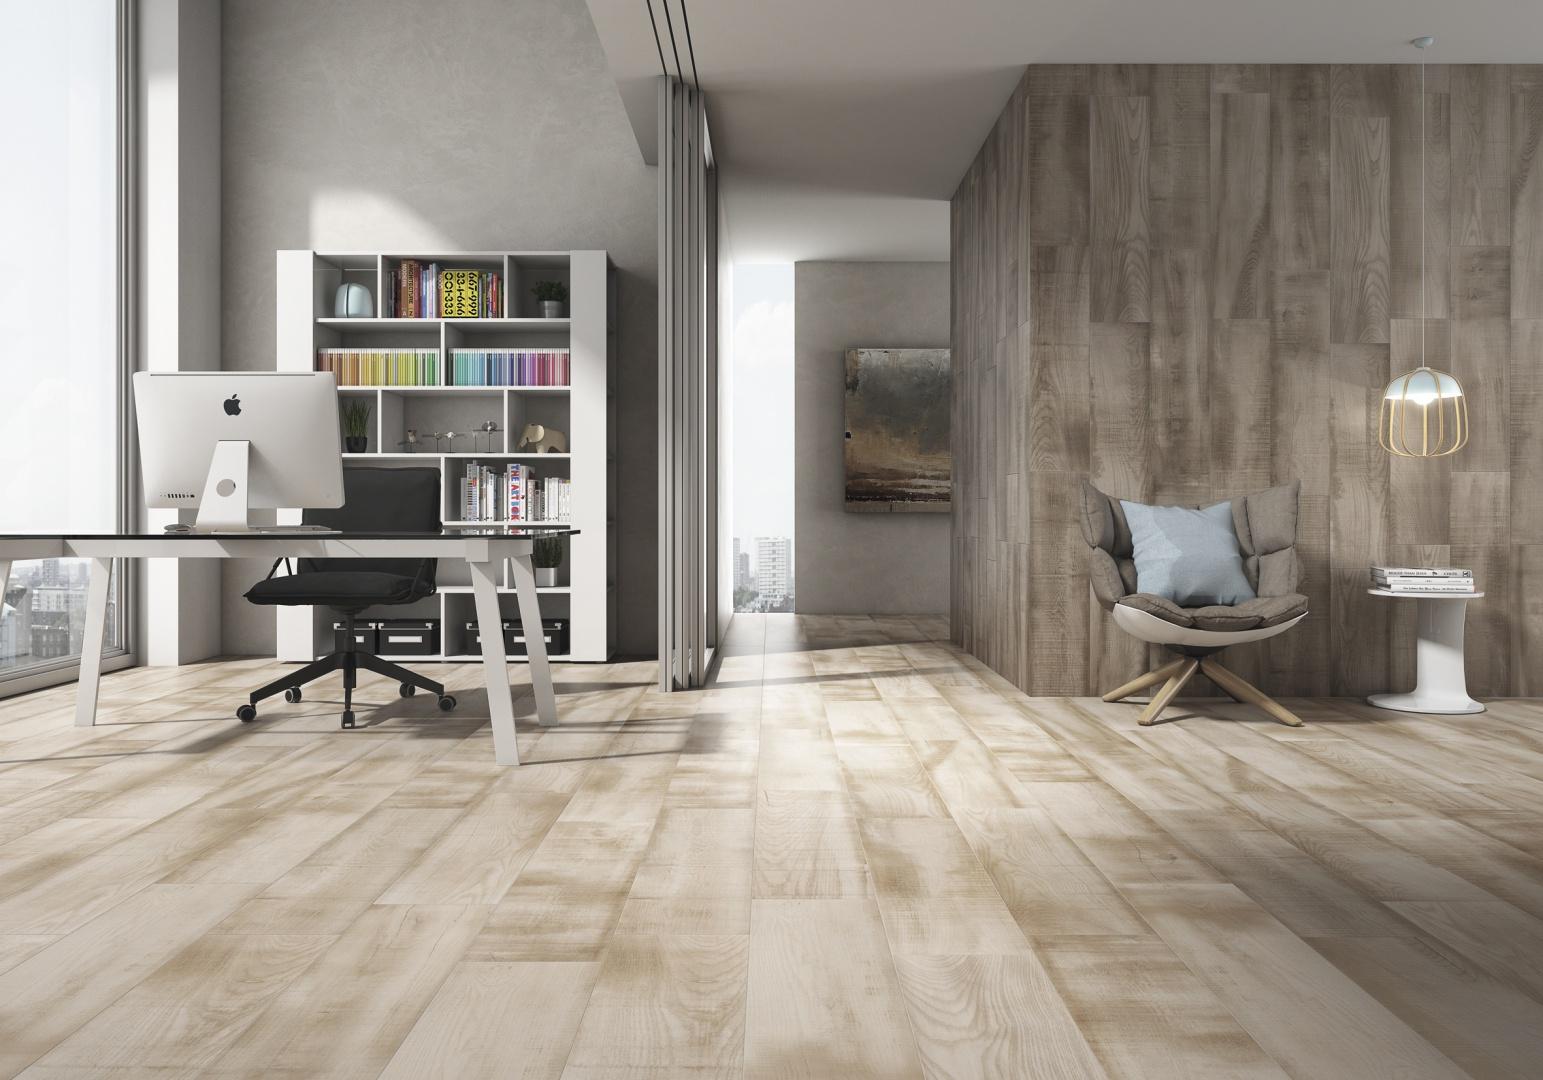 P ytki jak drewno nowoczesne pod ogi do salonu galeria for Pavimentos roca